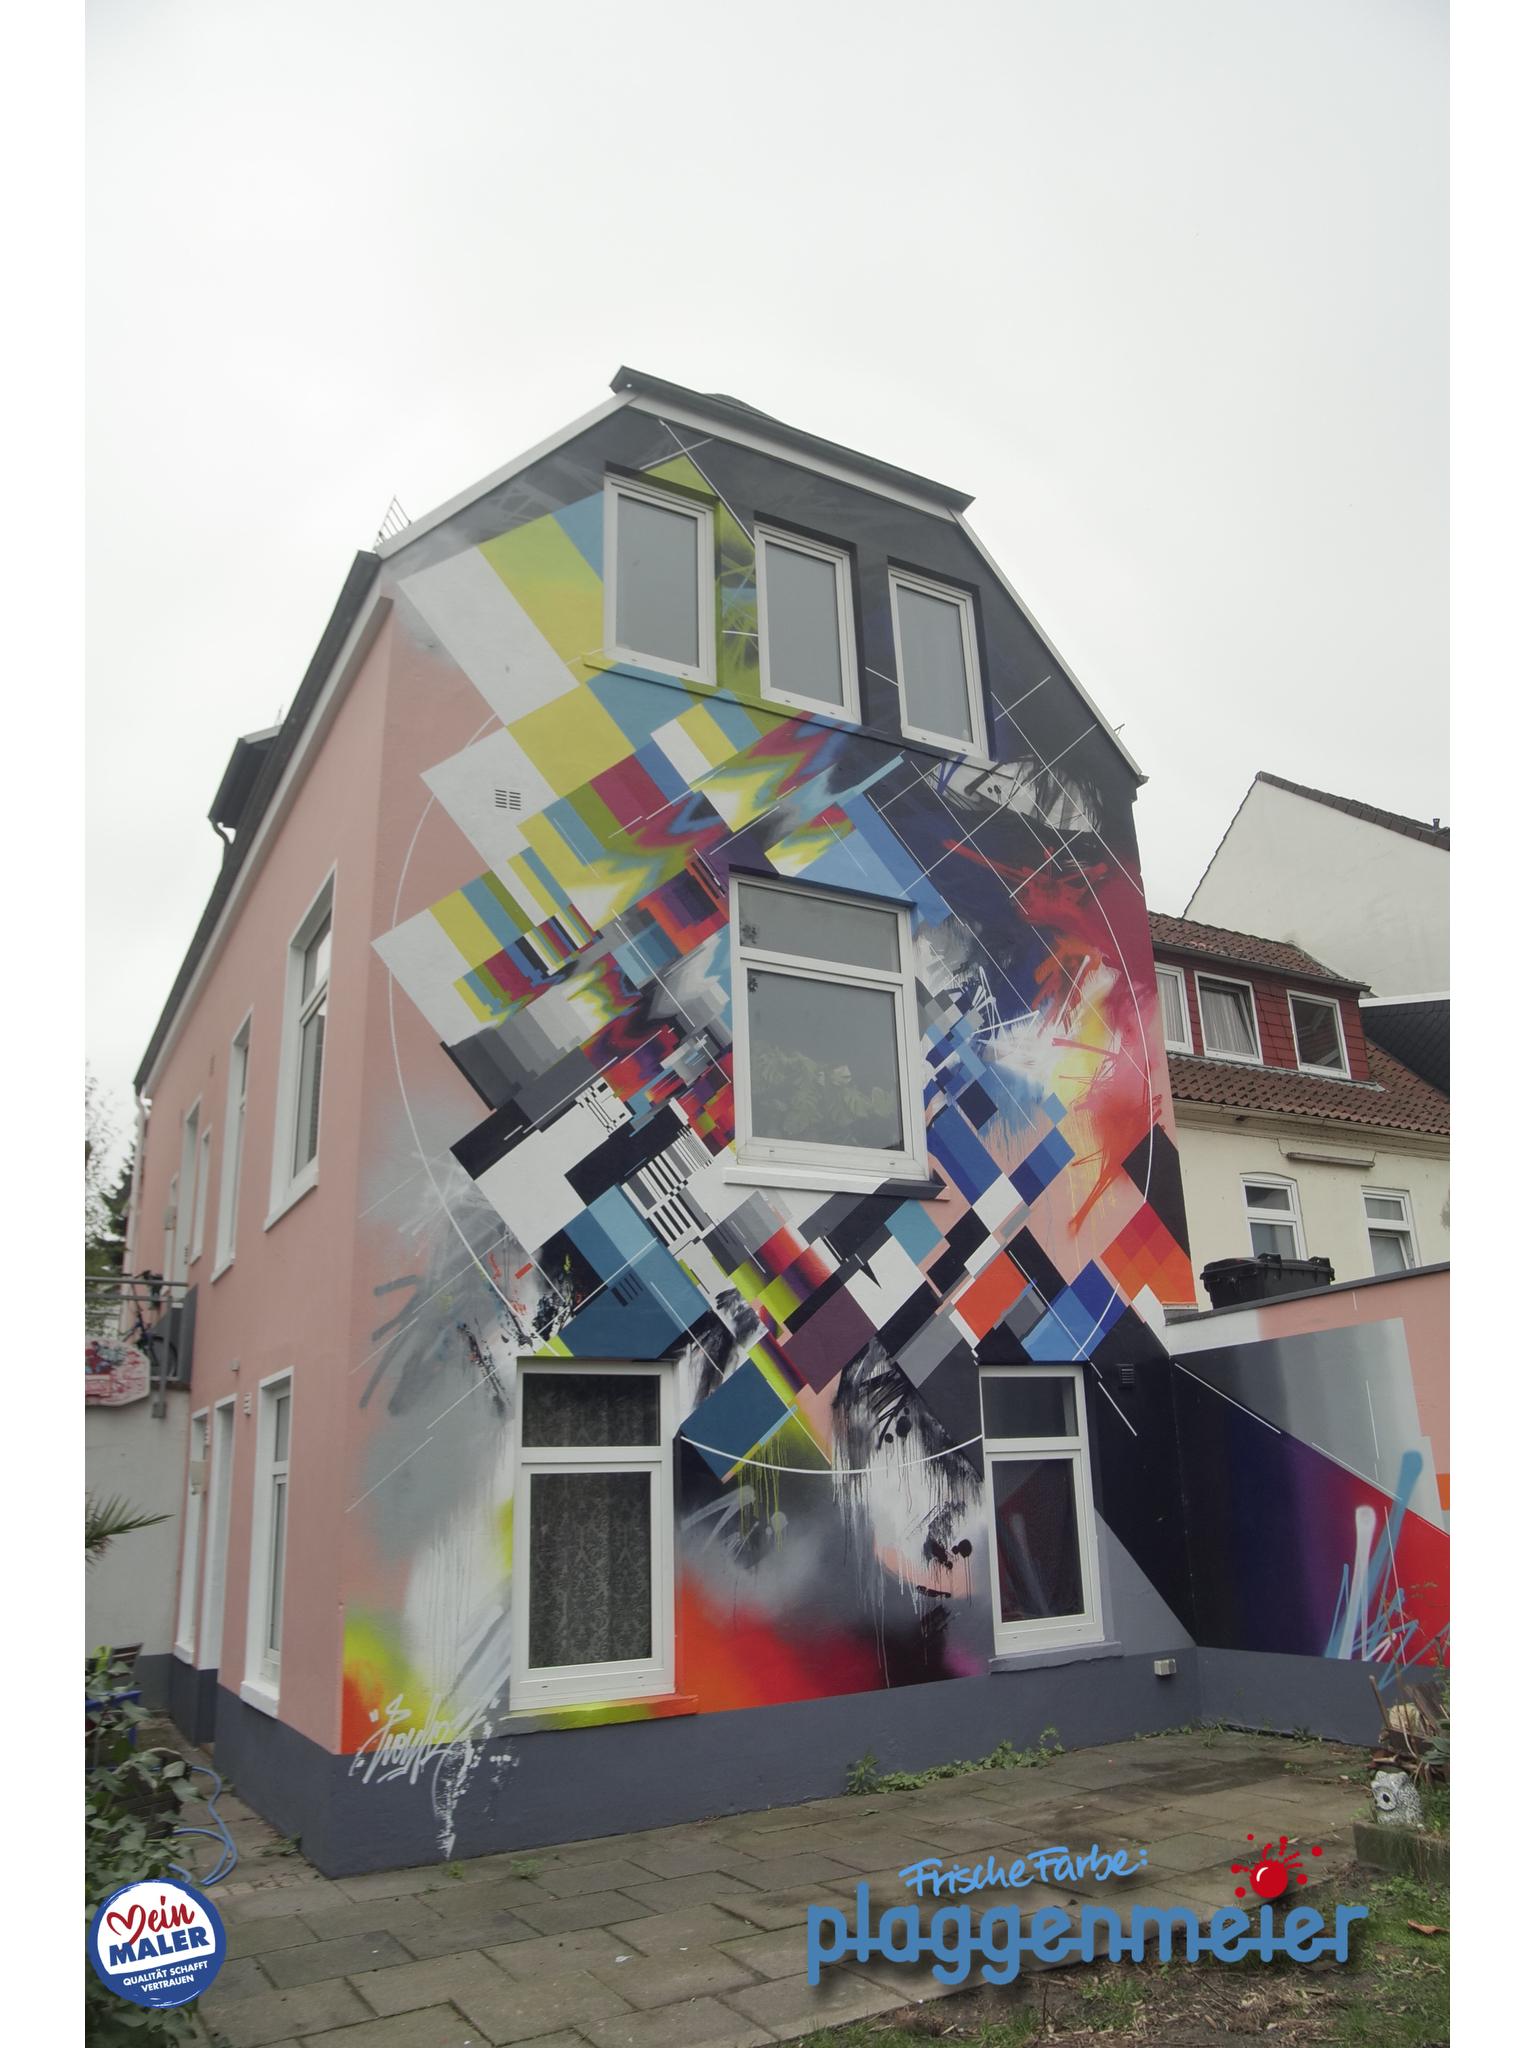 Testbildoptik - das zeichnet diesen Künstler aus. Von uns kam dann noch der transparente Überzug für langjährigen Schutz der Fassade - Profi Maler aus Bremen